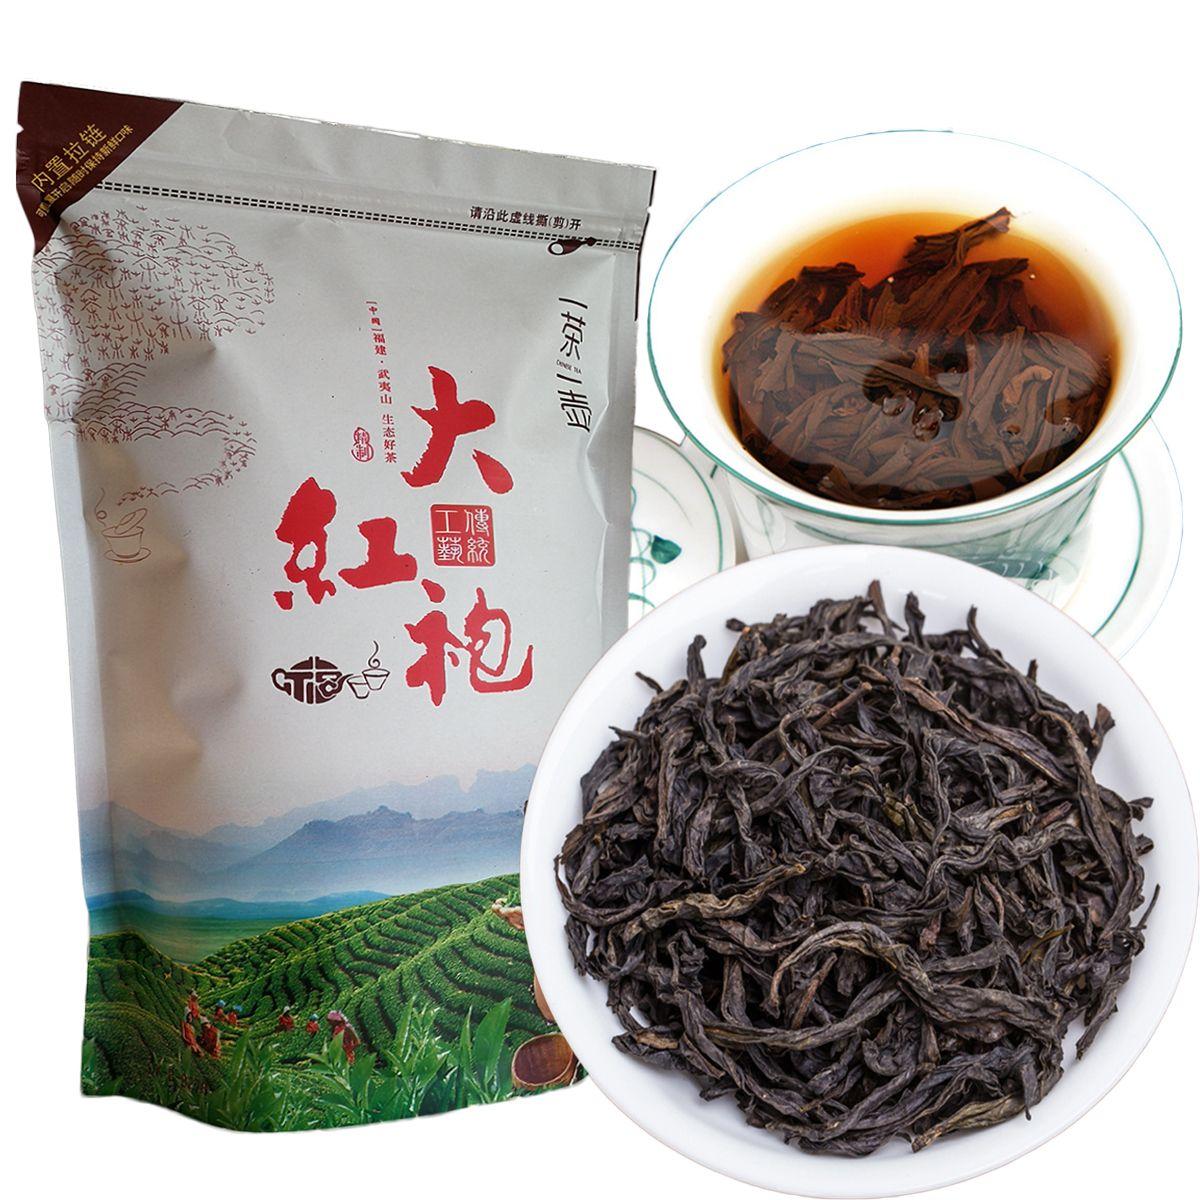 250g Yeni Çin Organik Siyah Çay Big Red Robe Oolong Koku Tea Sağlık Çay Yeşil Gıda Fabrikası Direkt Satış Pişmiş